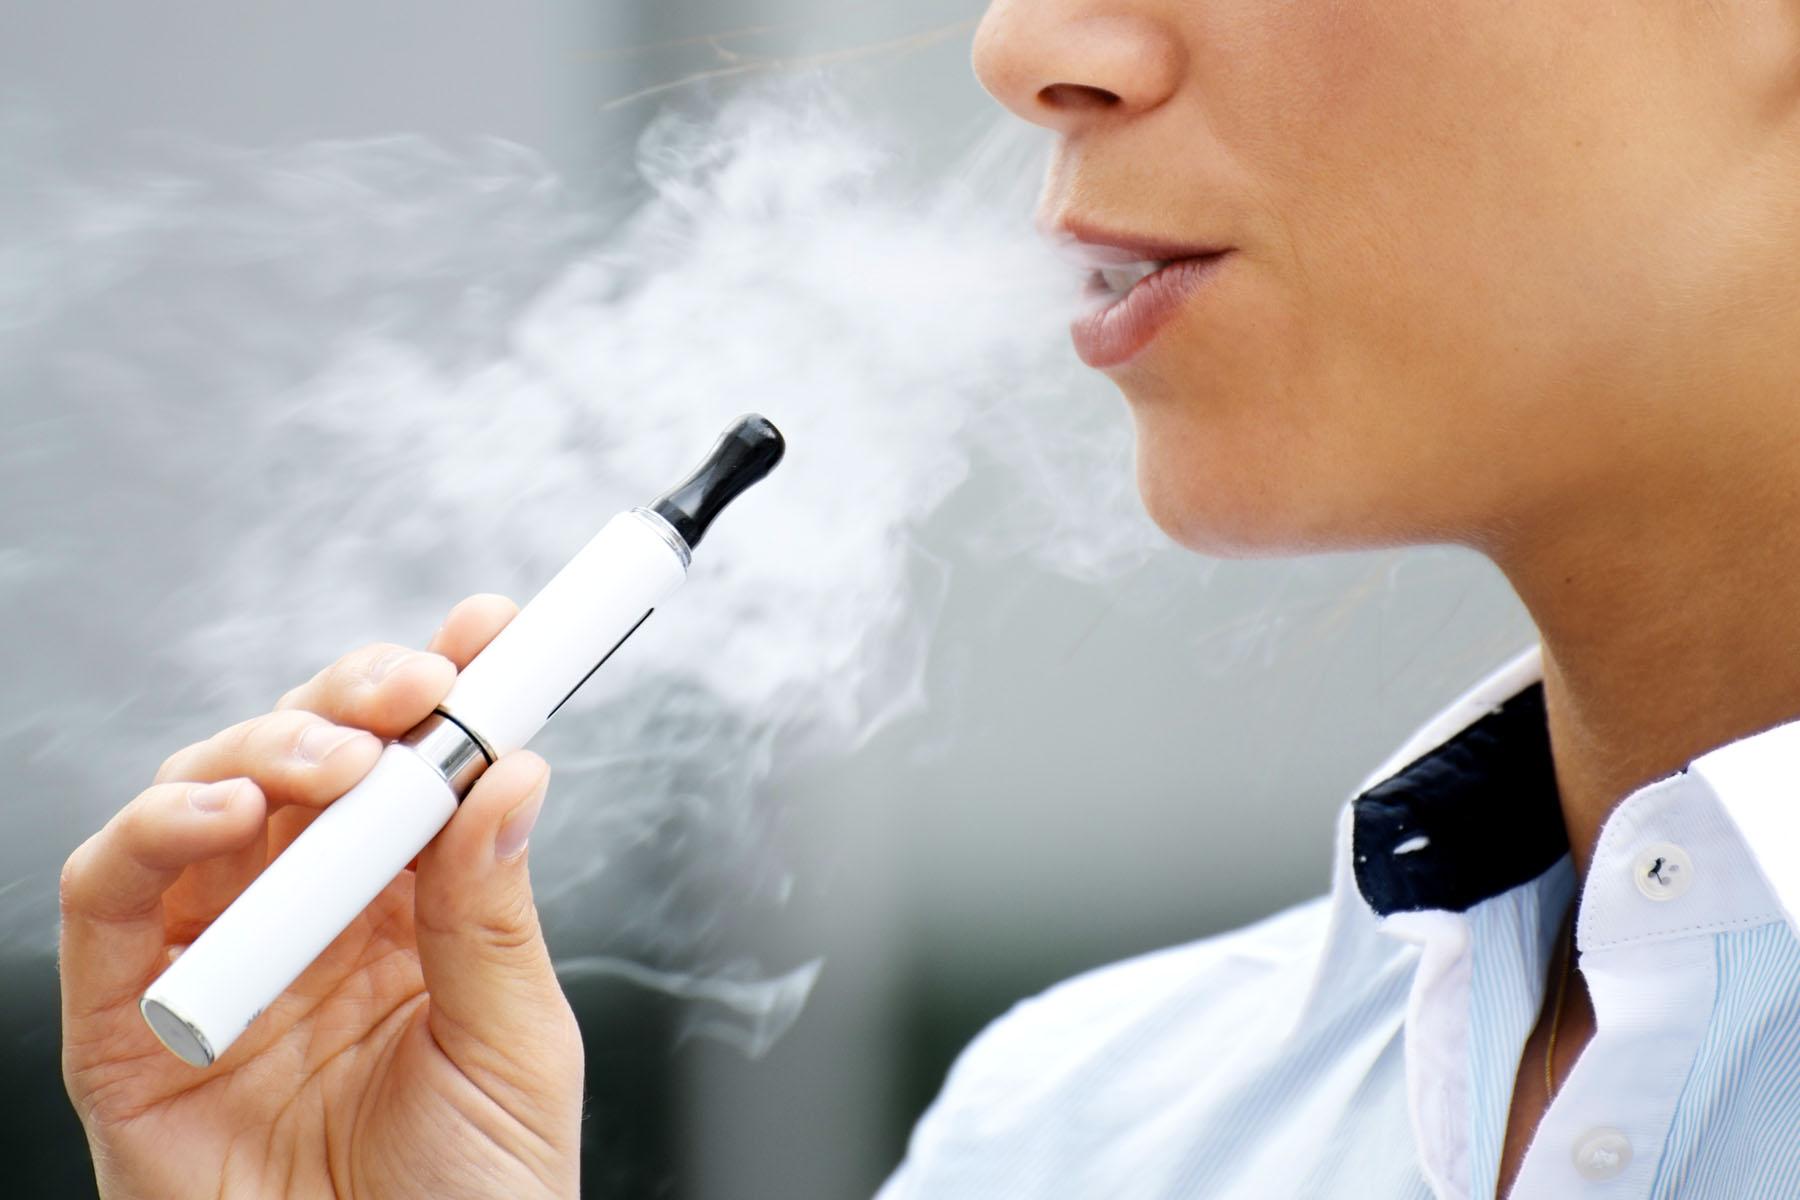 Αποτέλεσμα εικόνας για electronic cigarette